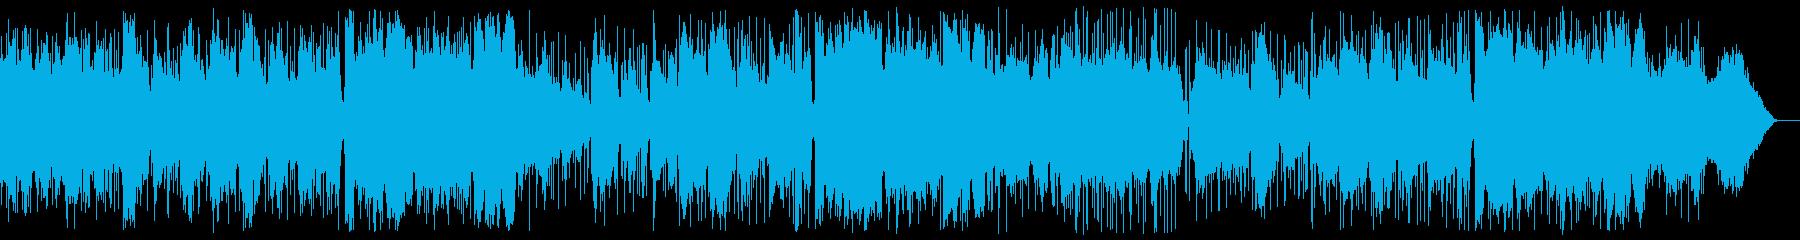 懐かしいフォークソングの再生済みの波形